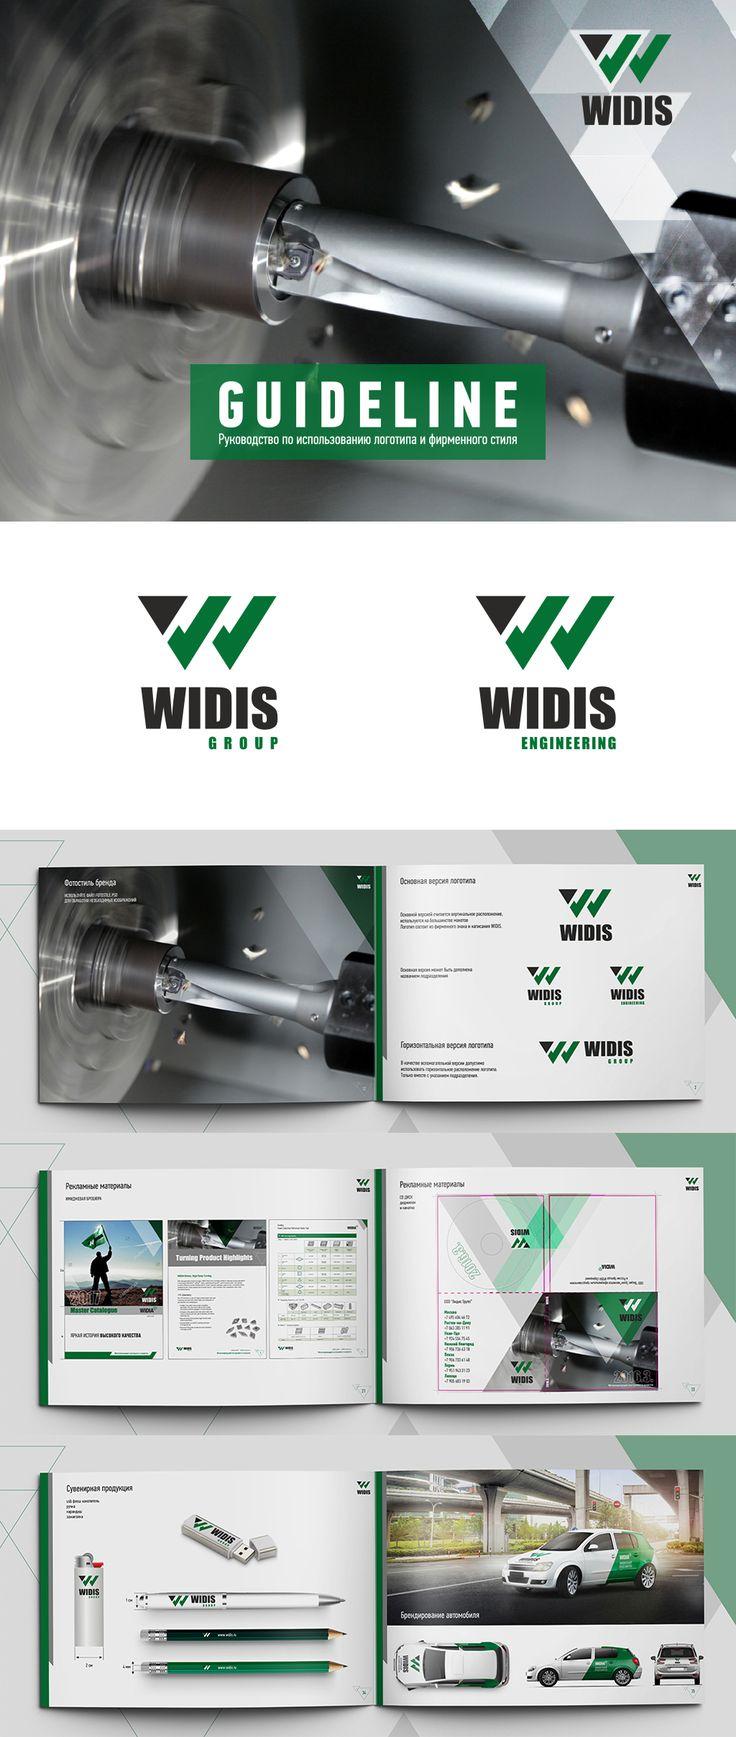 guideline, w logo design. Widis logo. Corporate identity. Фирменный стиль и логотип для промышленной компании. Лого на букву W